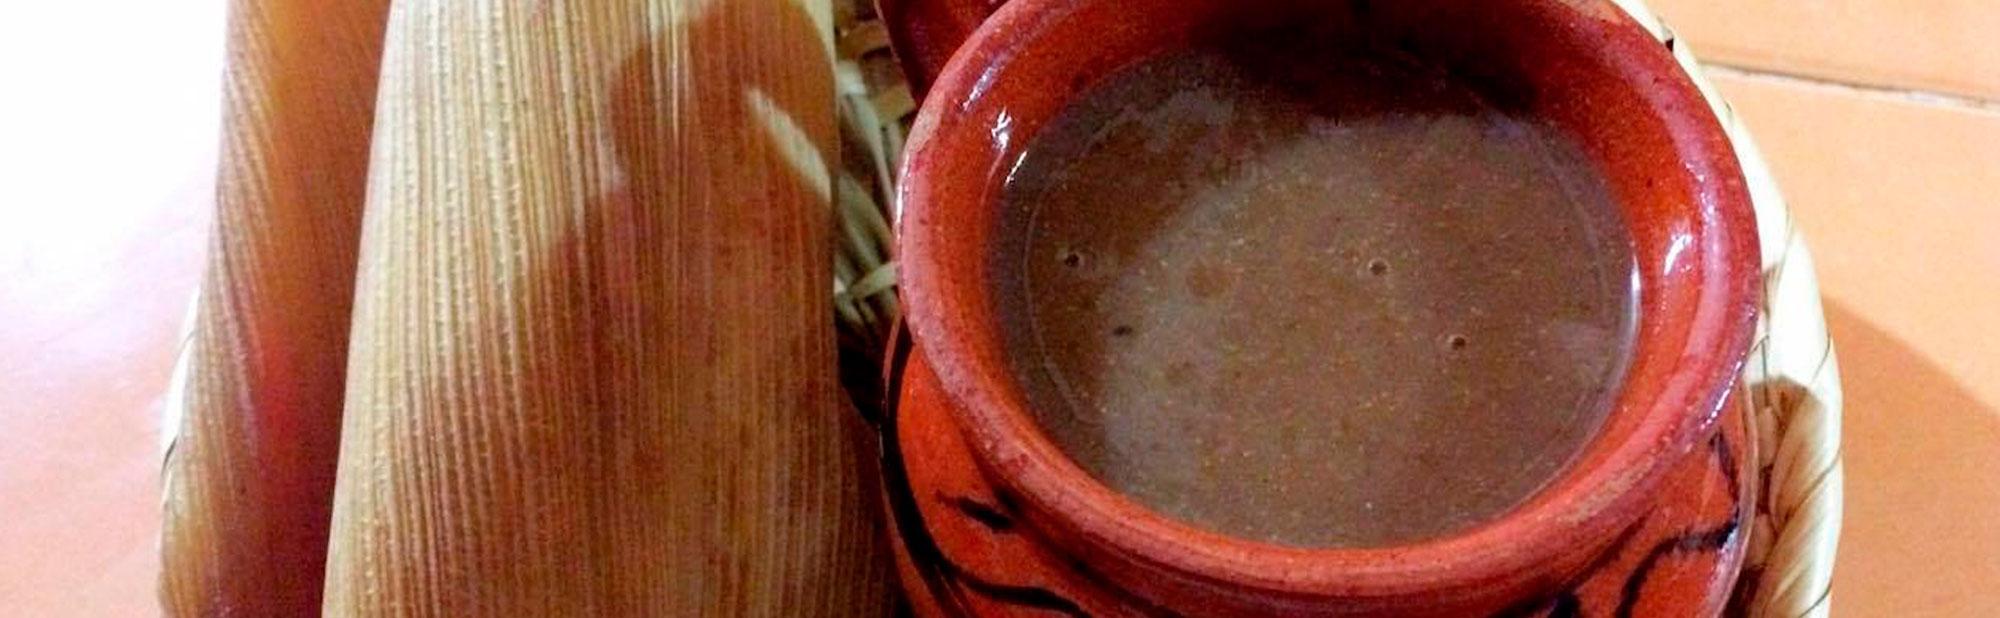 La Antojadera | Champurrado sin Leche